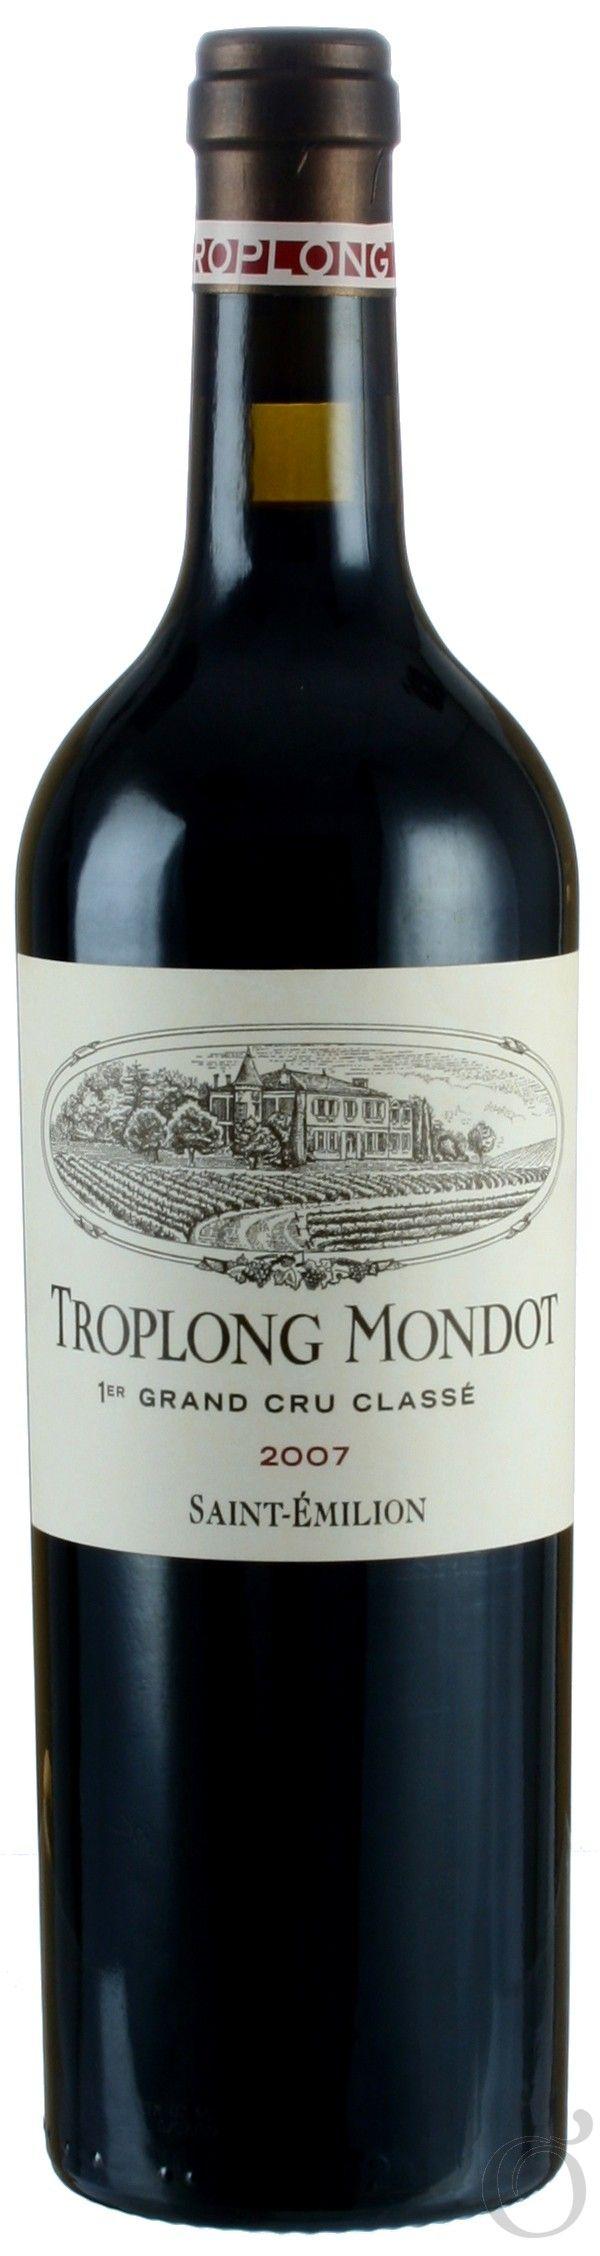 Chateau Troplong Mondot (2007) St.-Emilion 1er Grand Cru Classe , Cabernet Sauvignon,80% Cabernet Franc10%, Merlot10% St.-Emilion, Bordeaux, France